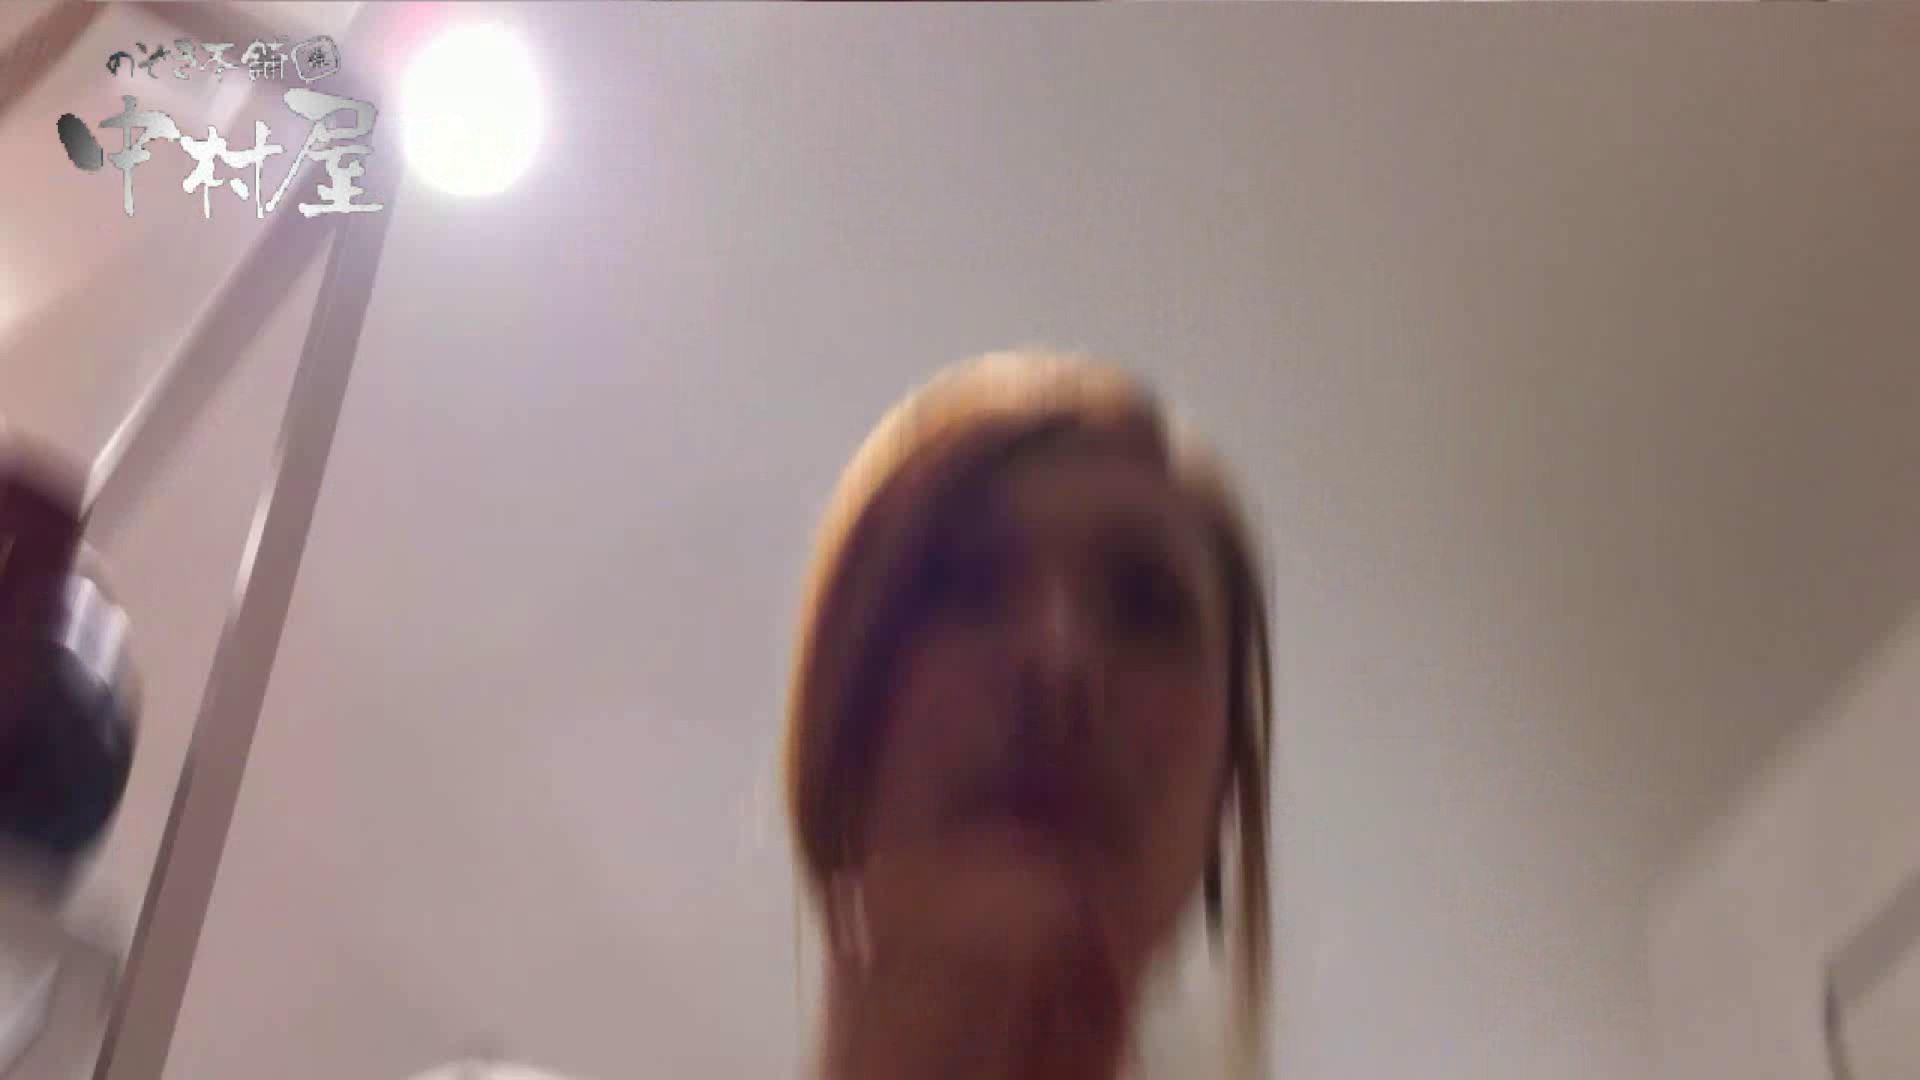 vol.52 美人アパレル胸チラ&パンチラ おとなしそうな店員の胸元にアタック! OLセックス | パンチラ  86画像 61